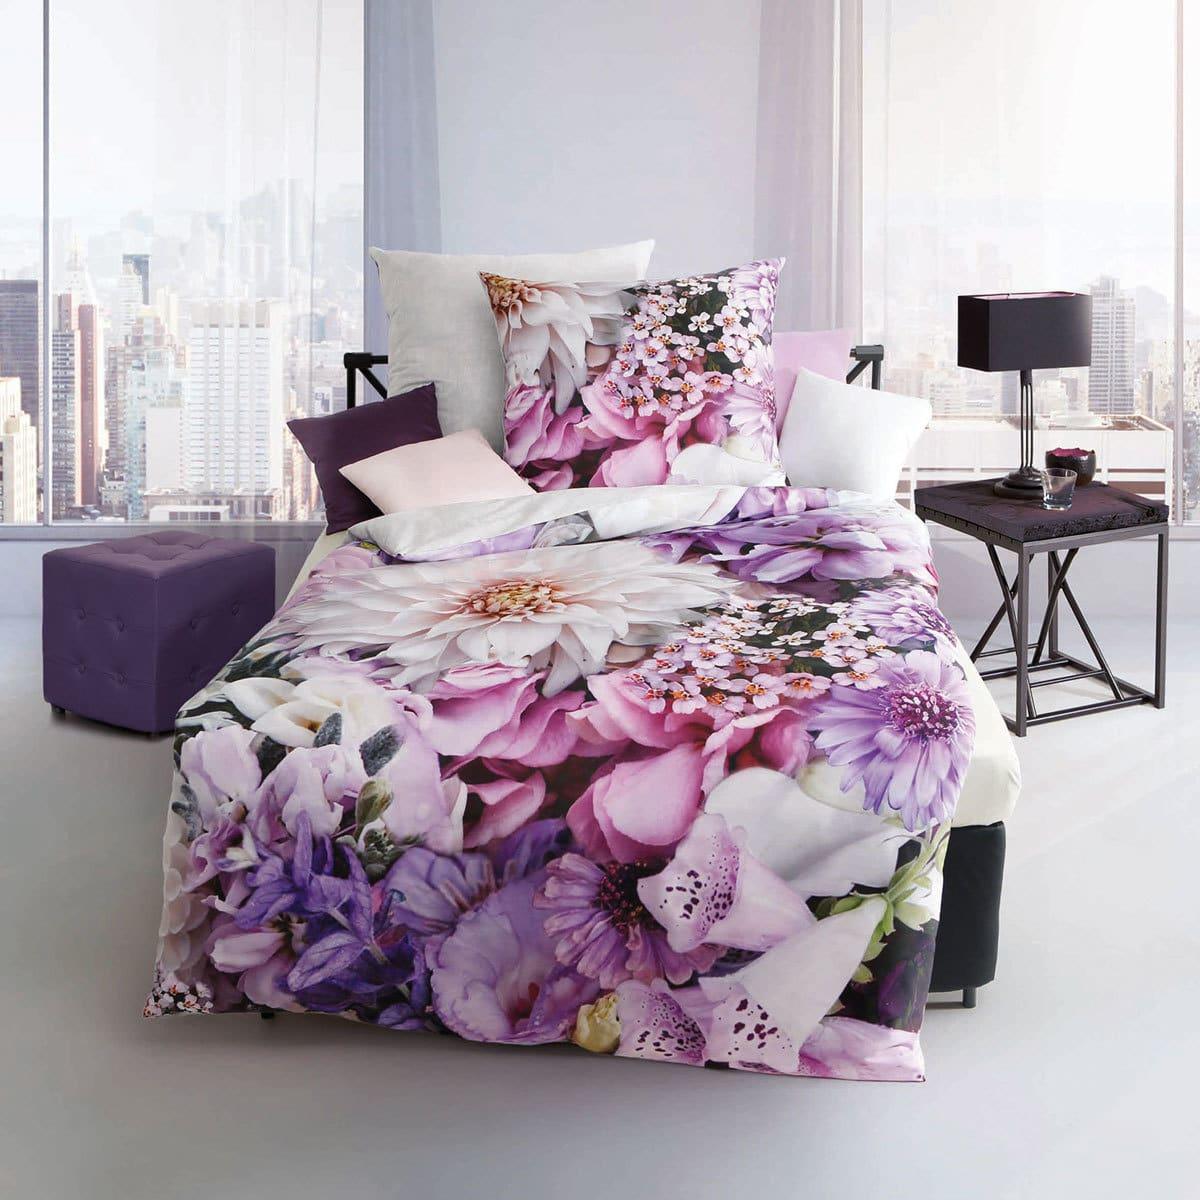 4c726b8dfc Kaeppel Mako-Satin Bettwäsche Lilac Passion flieder günstig online ...